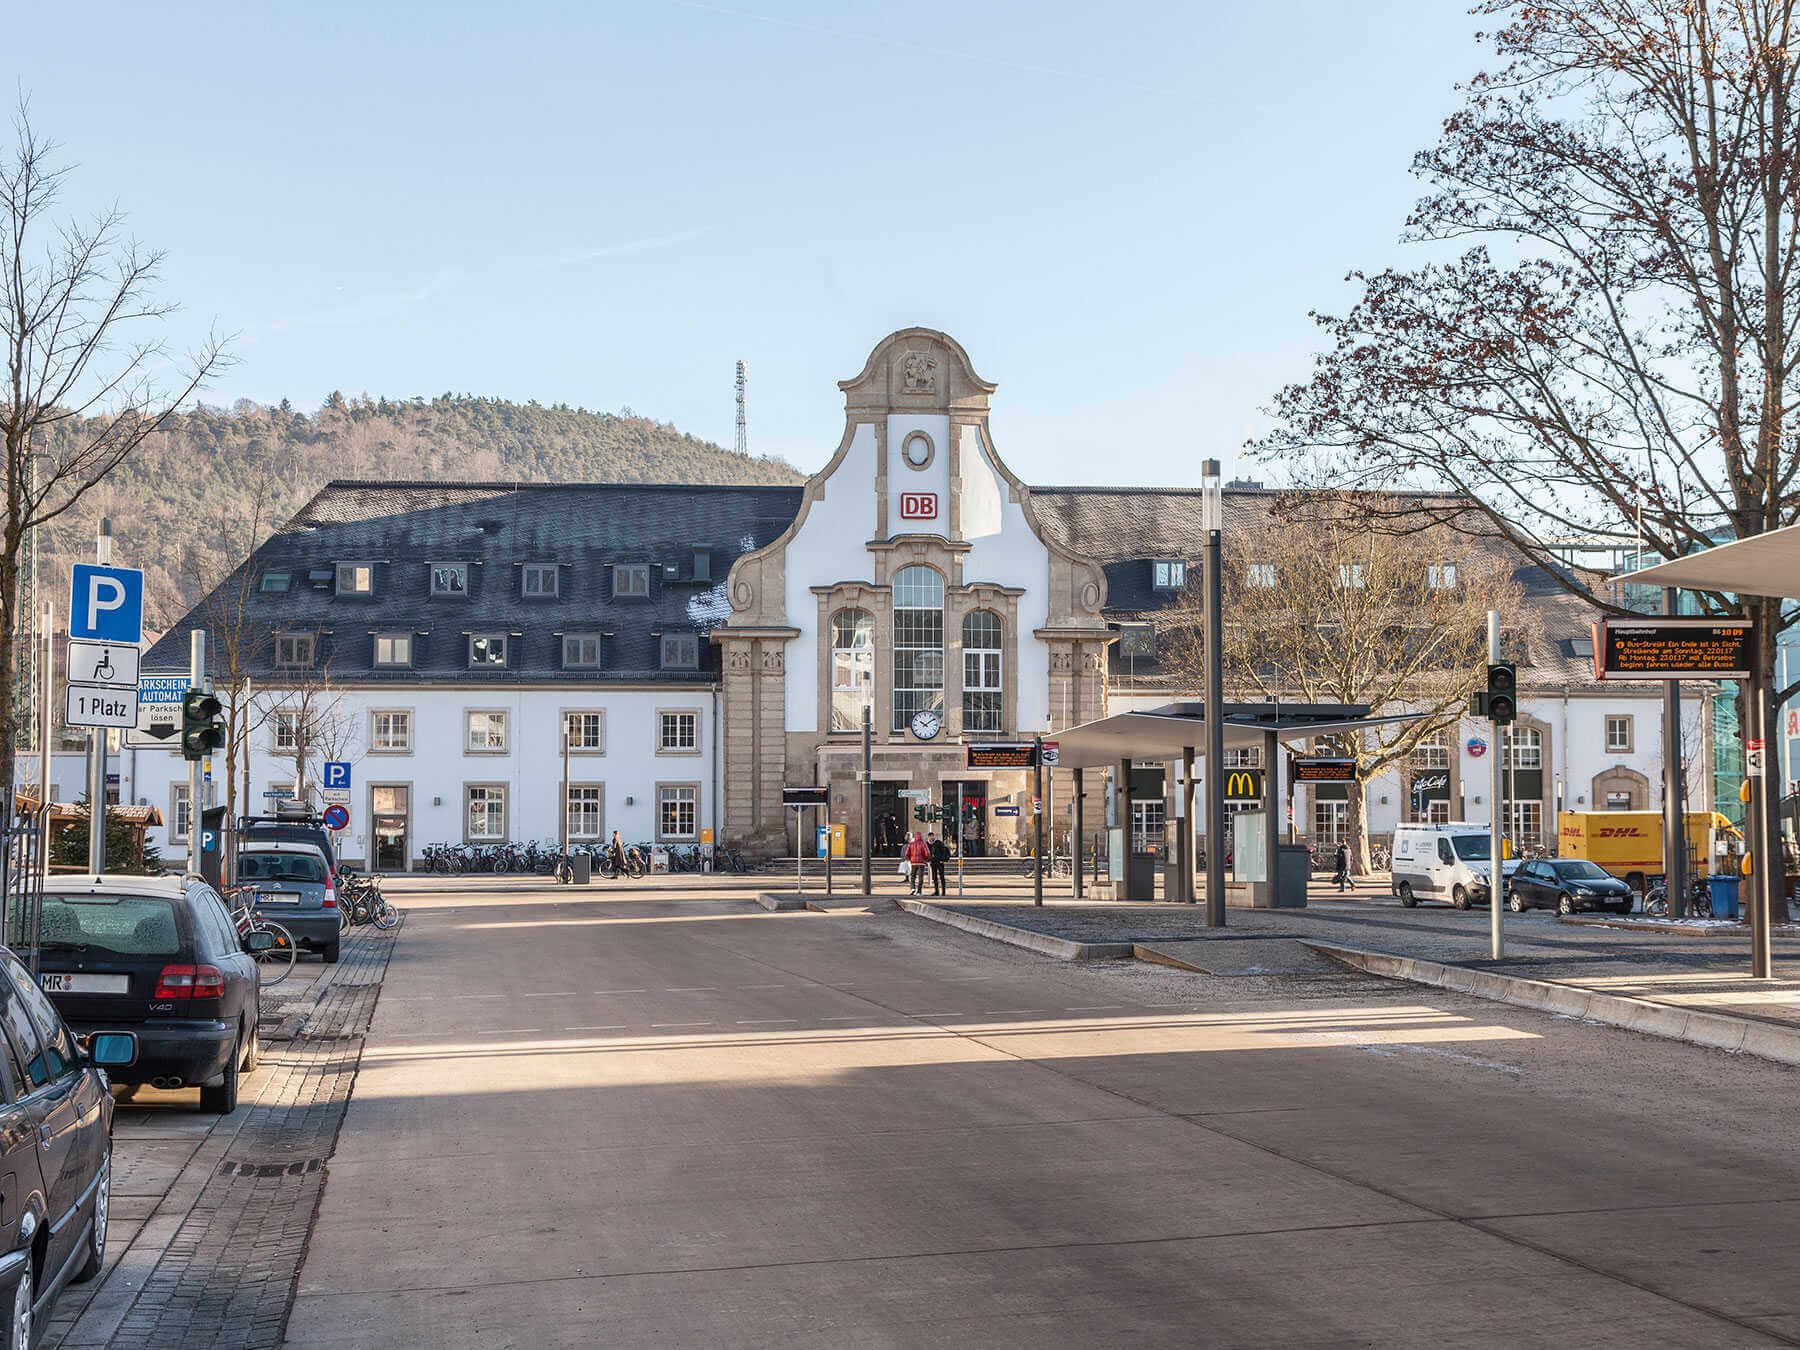 Porcel Nico Coverlam En Proyecto De Rehabilitaci N | Estacion Central Marburg Alemania